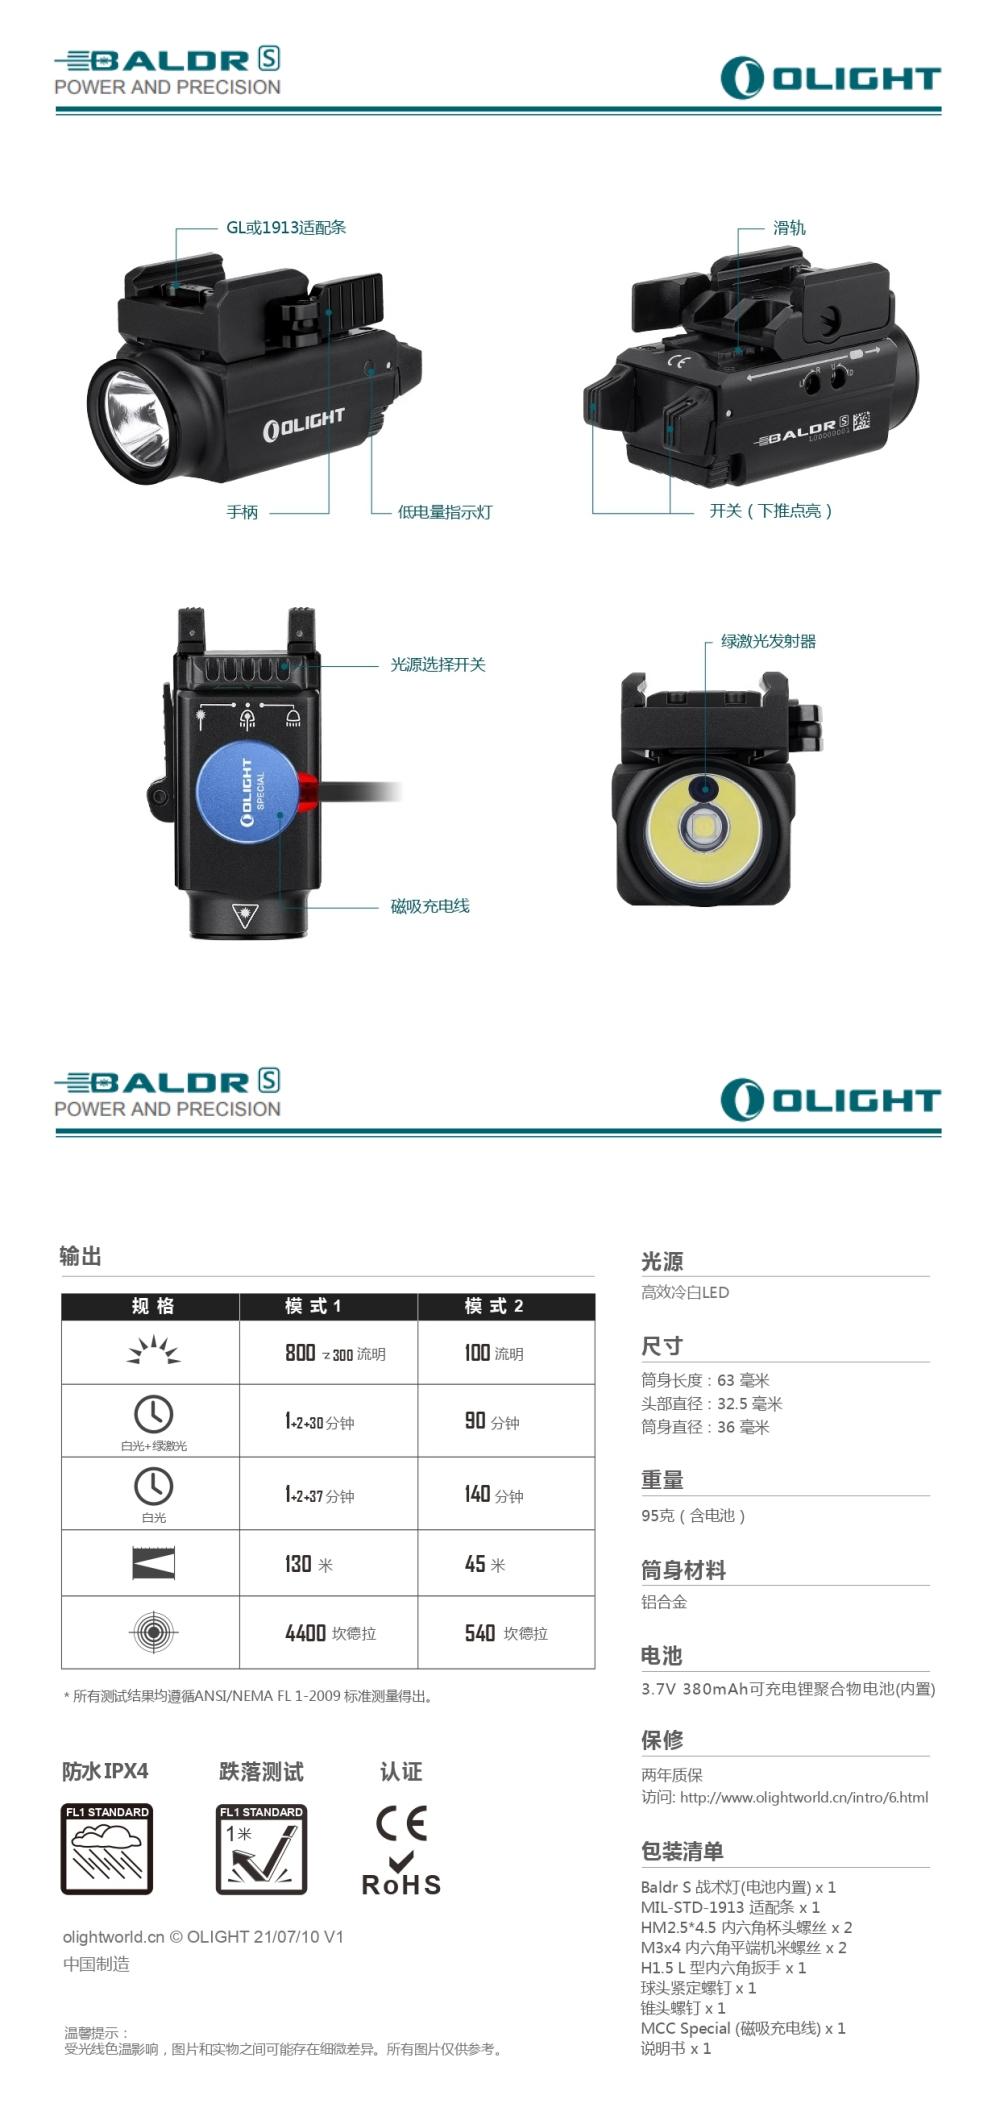 錸特光電 olight baldr s  戰術雷射槍燈 規格